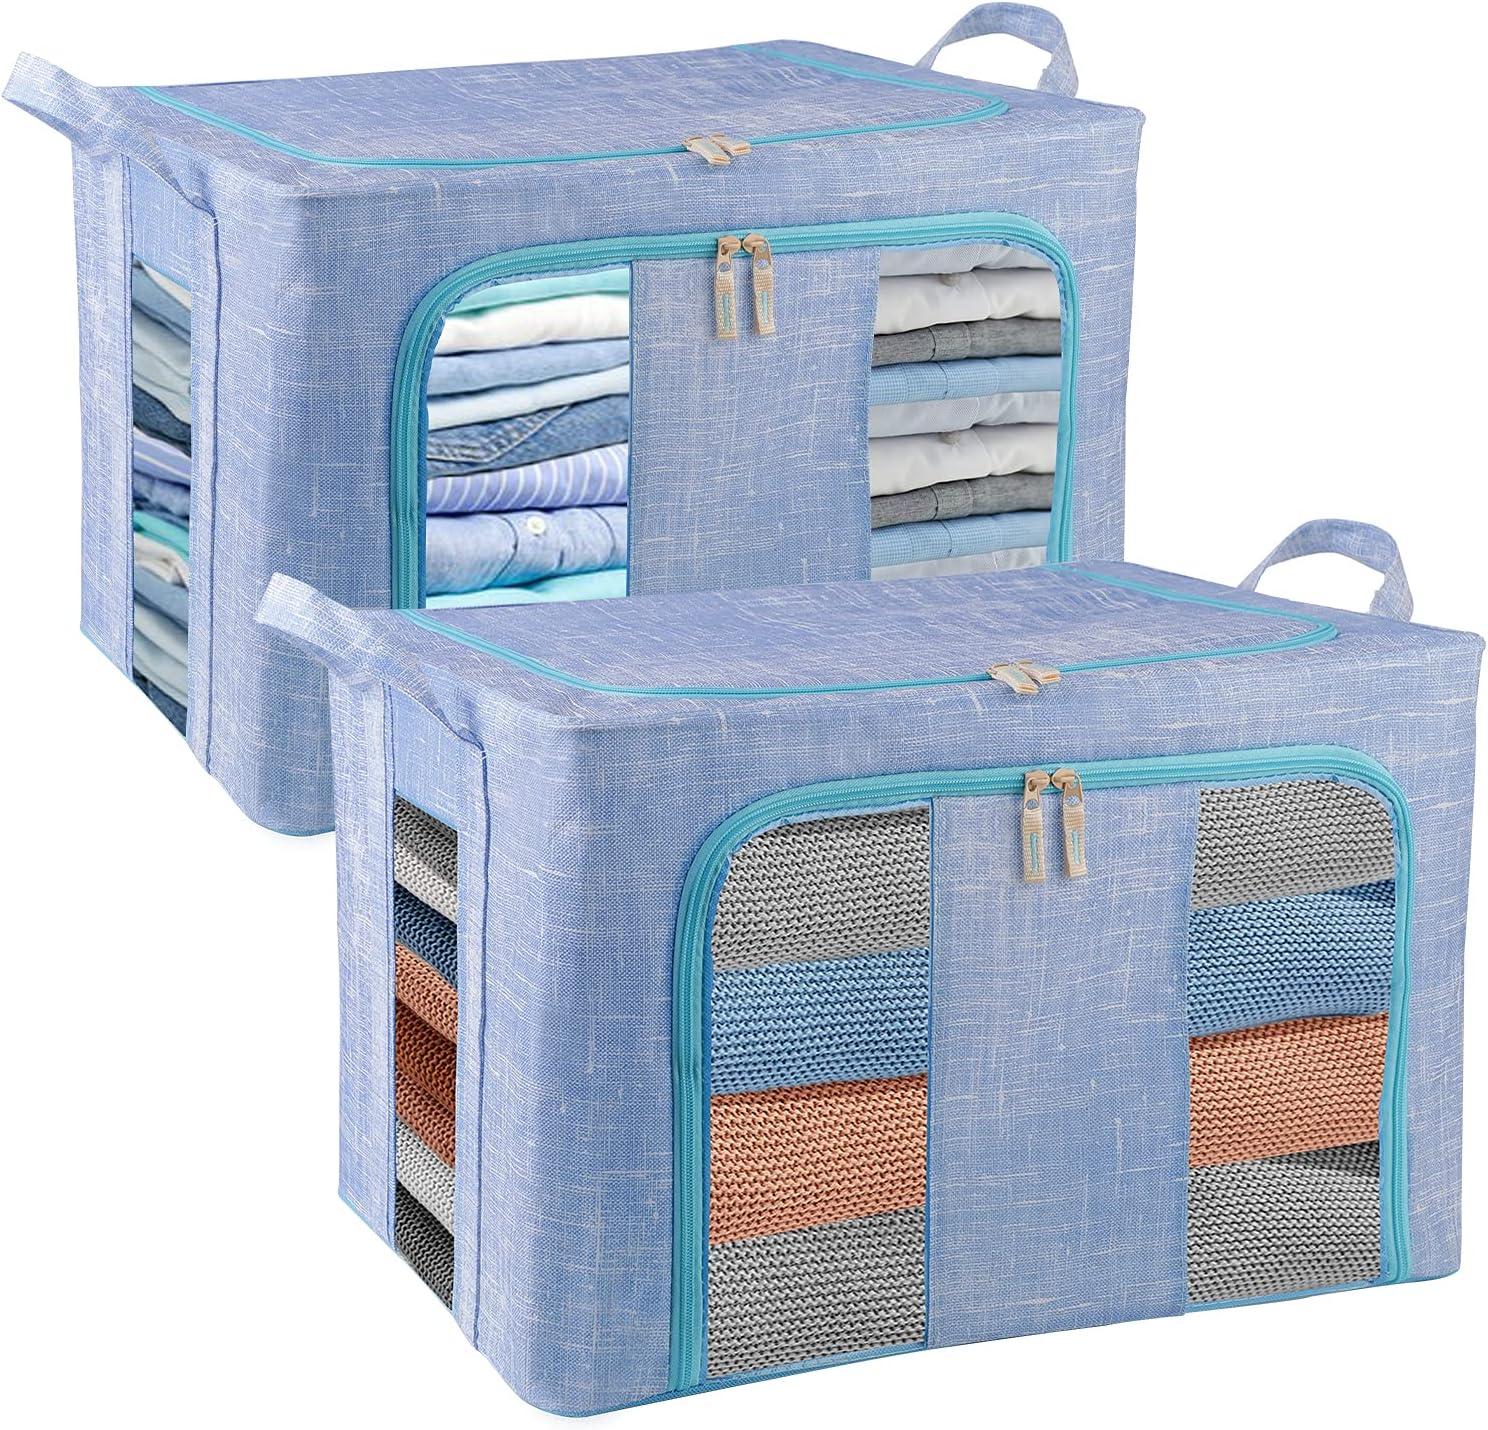 Japan's largest assortment COSIFO Blue San Francisco Mall Clothes Storage Boxes Foldable 2PC La Organizer 66L